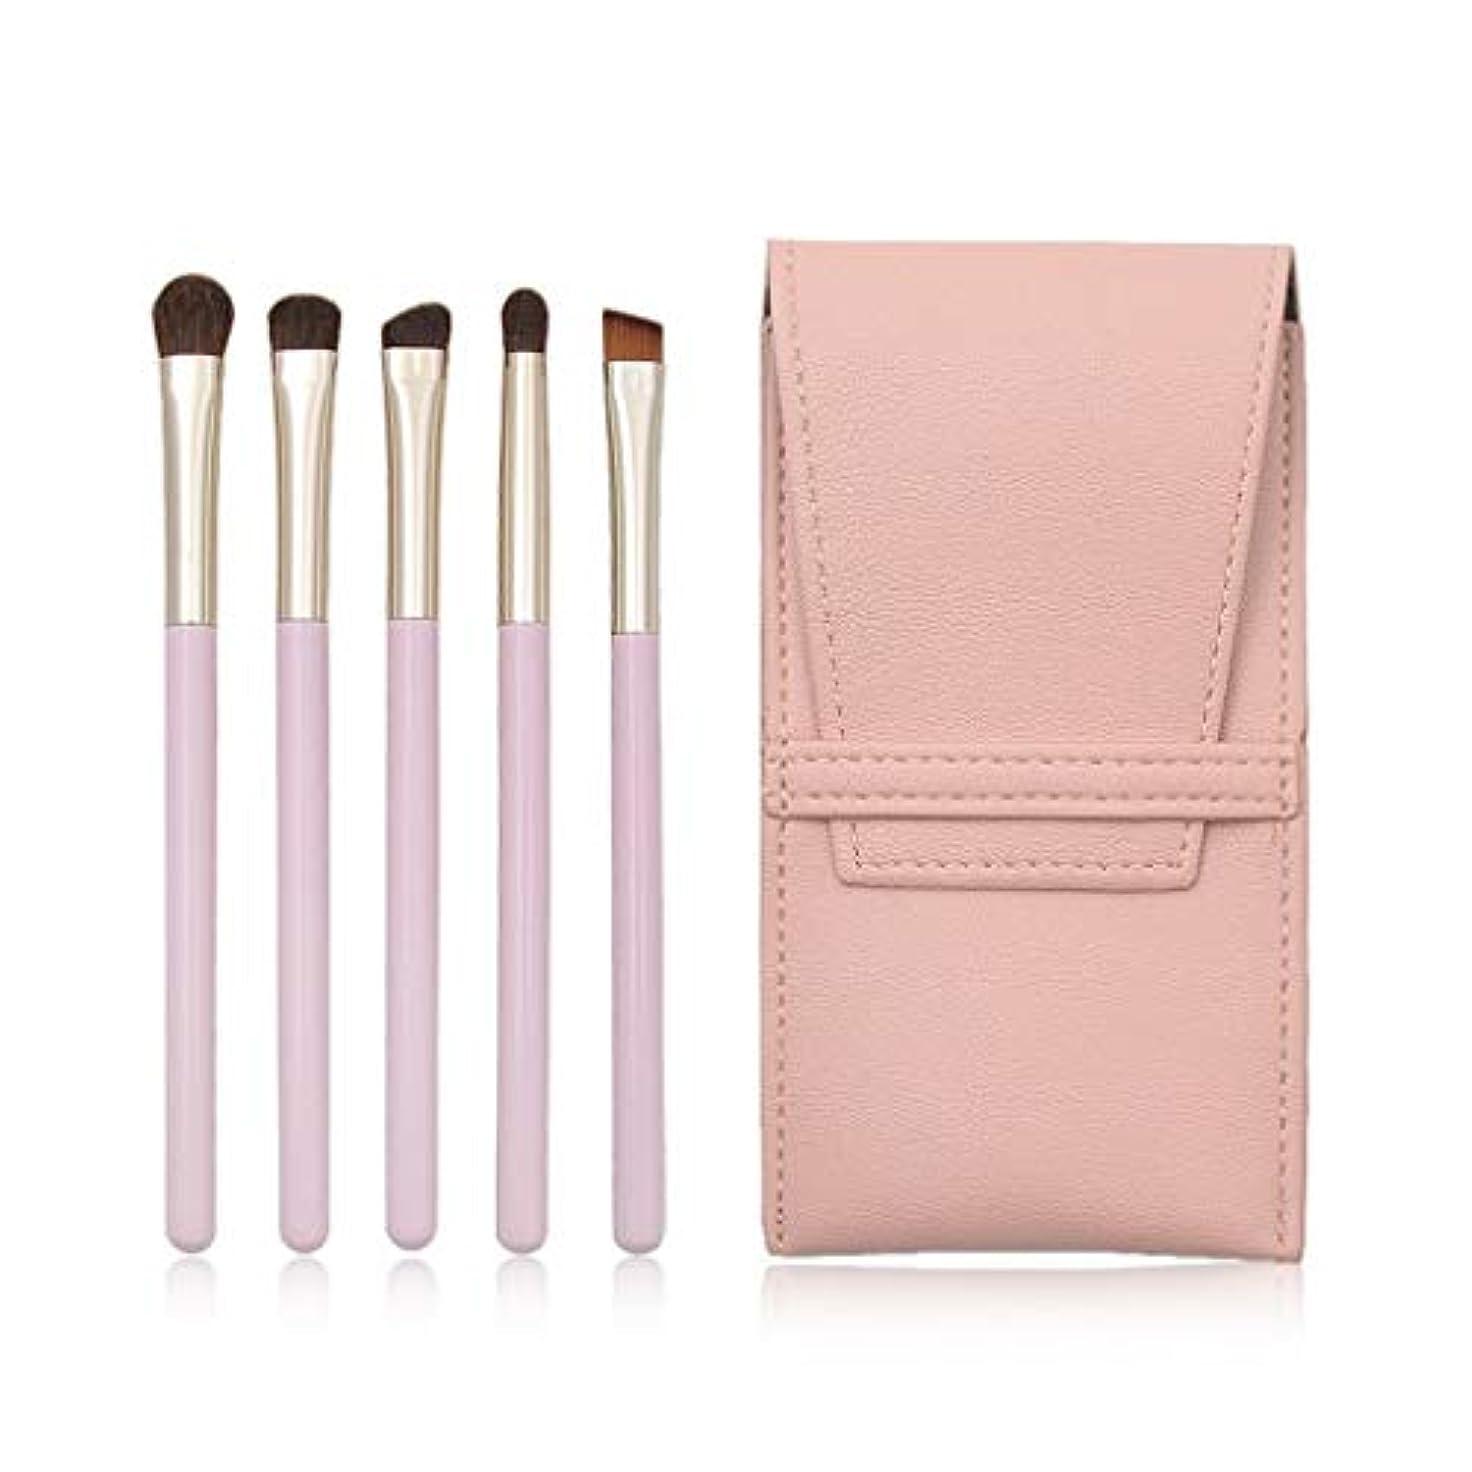 完全に乾く制約混乱した化粧ブラシ プロの化粧ブラシ 初心者の化粧ブラシ アイシャドウブラシ アイメイクブラシ ピンク 木材 バッグを含む 5つ